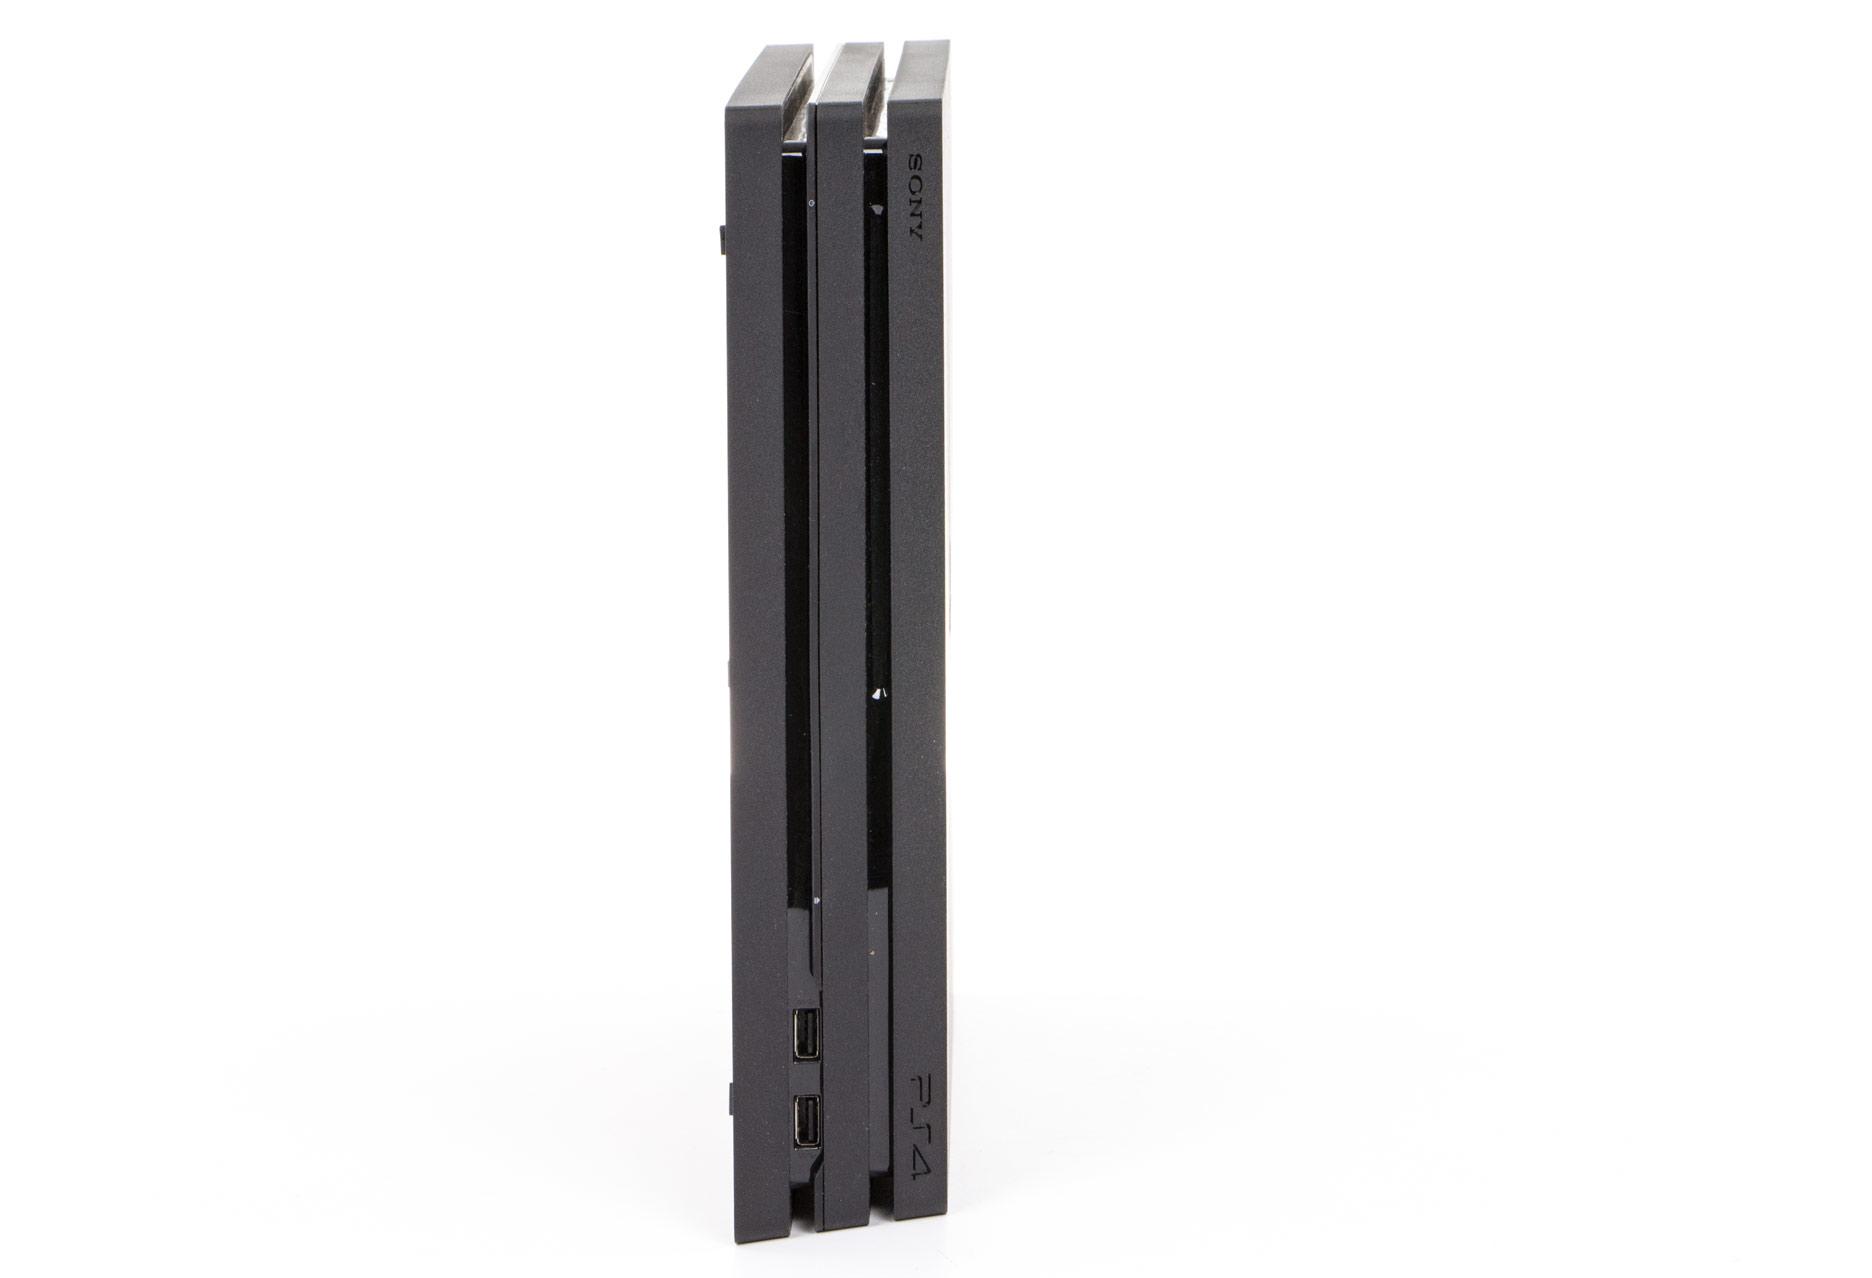 Playstation 4 Pro - trójżebrowa budowa